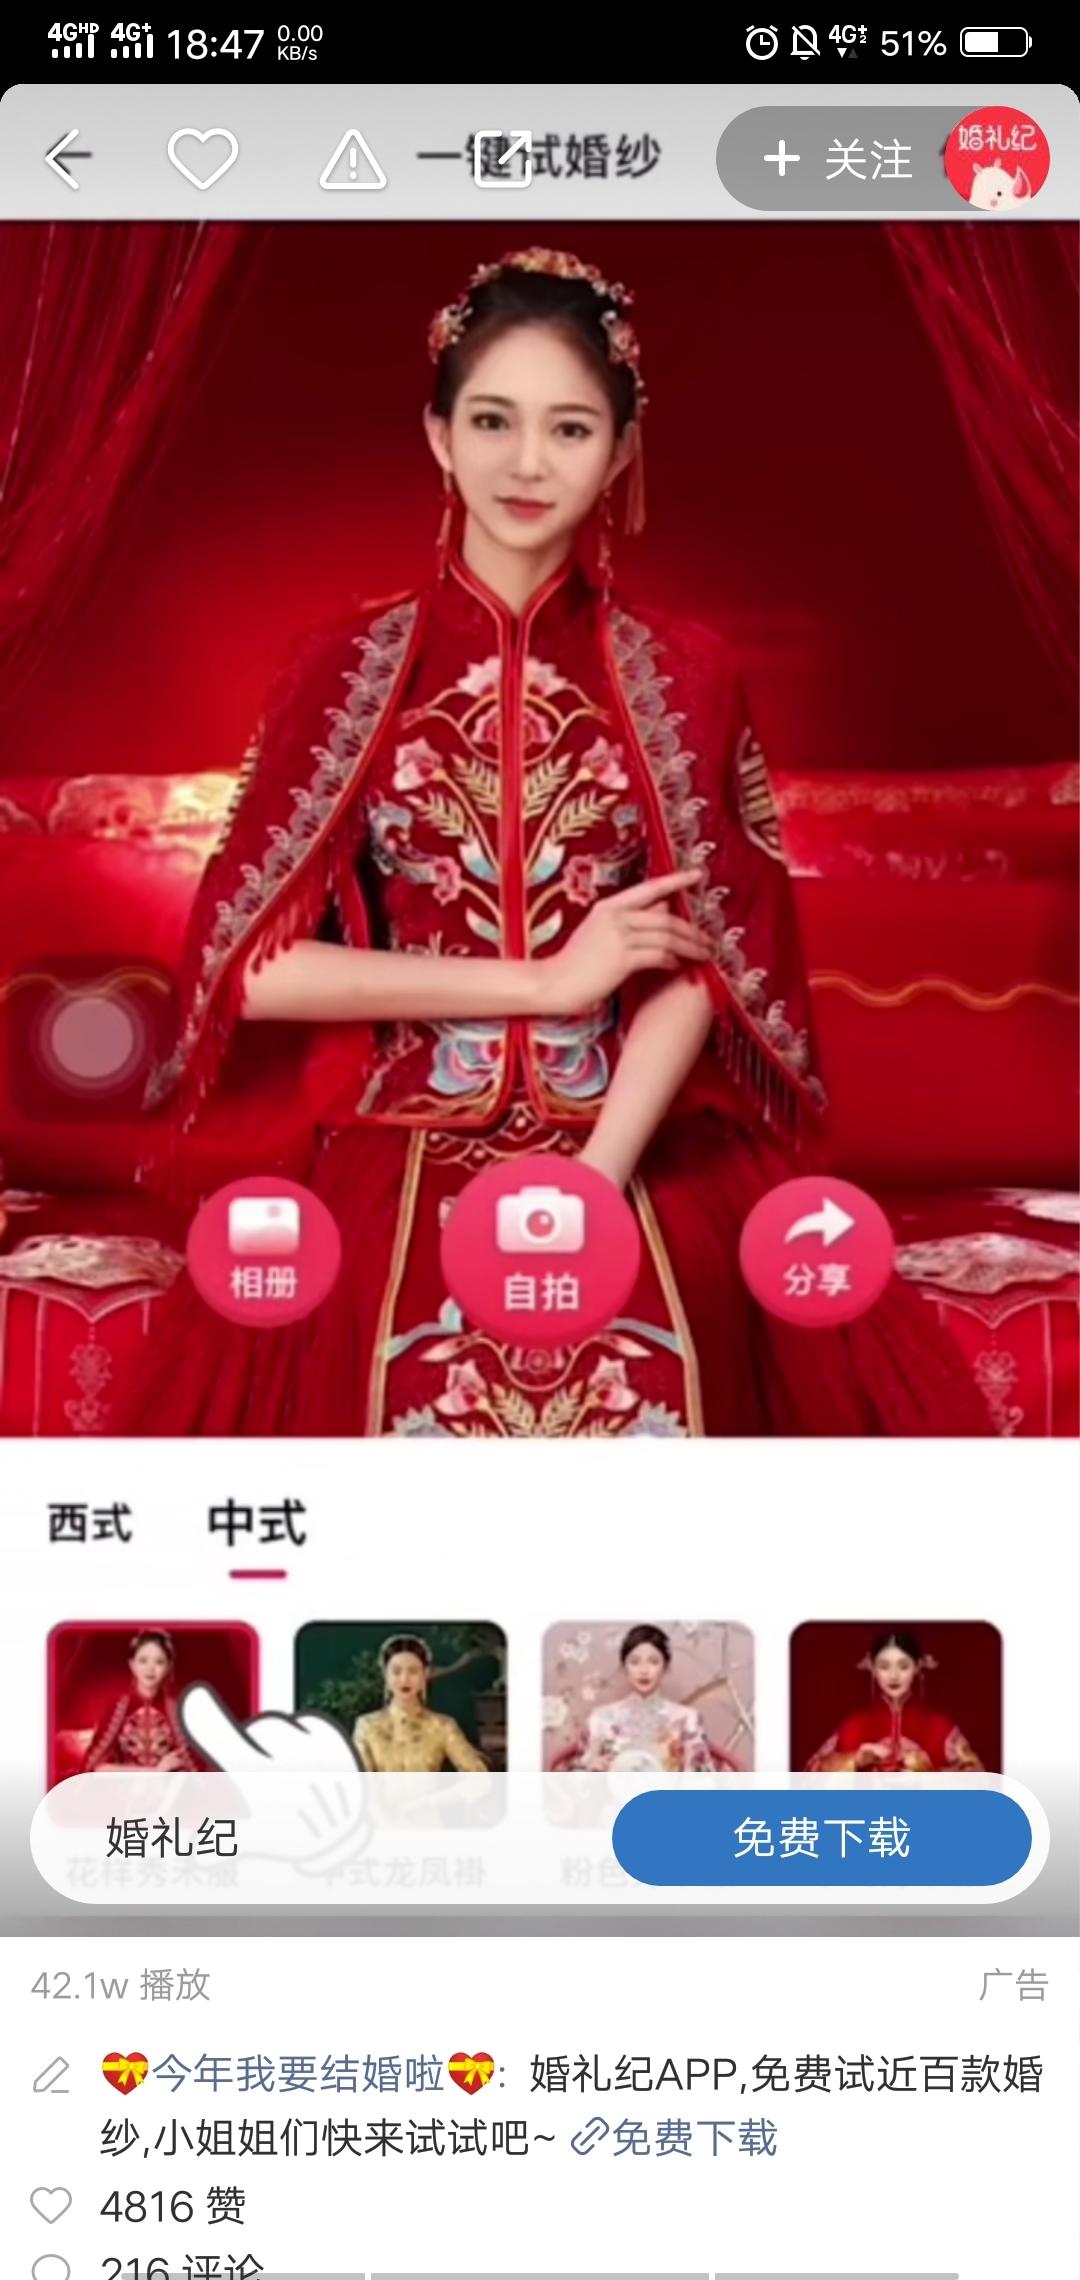 婚纱行业投放快手广告免费试百款婚纱案例